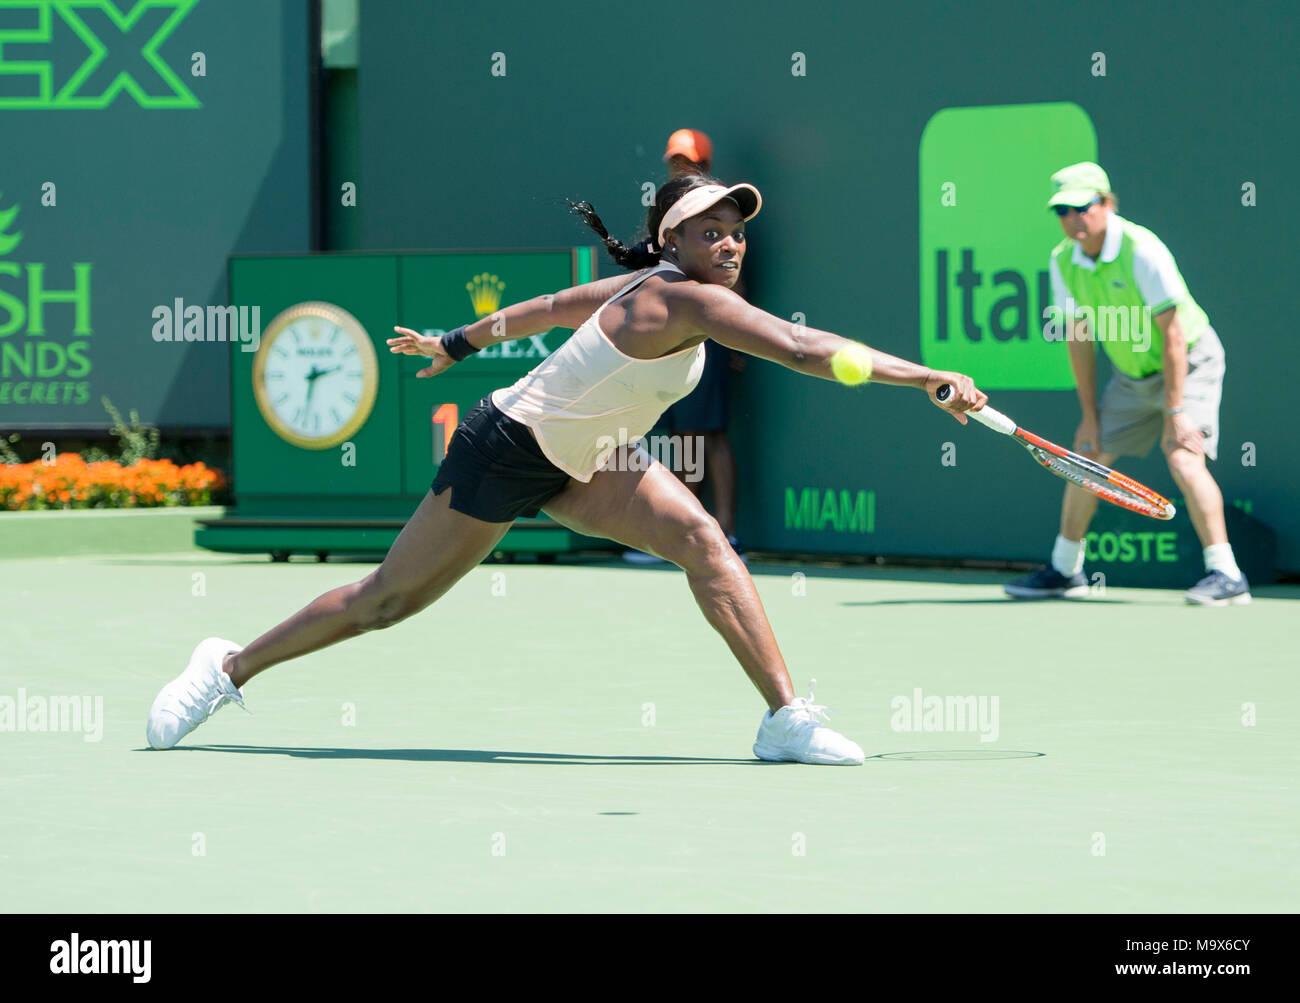 Miami, Key Biscayne, Florida, Estados Unidos. 26 Mar, 2018. Sloane Stephens (USA) derrotas Garbine Muguruza (ESP) por 6-3, 6-4, en el Abierto de Miami que está siendo jugado en el Crandon Park Tennis Center de Miami, Key Biscayne, Florida. © Karla Kinne/Tennisclix/CSM/Alamy Live News Foto de stock